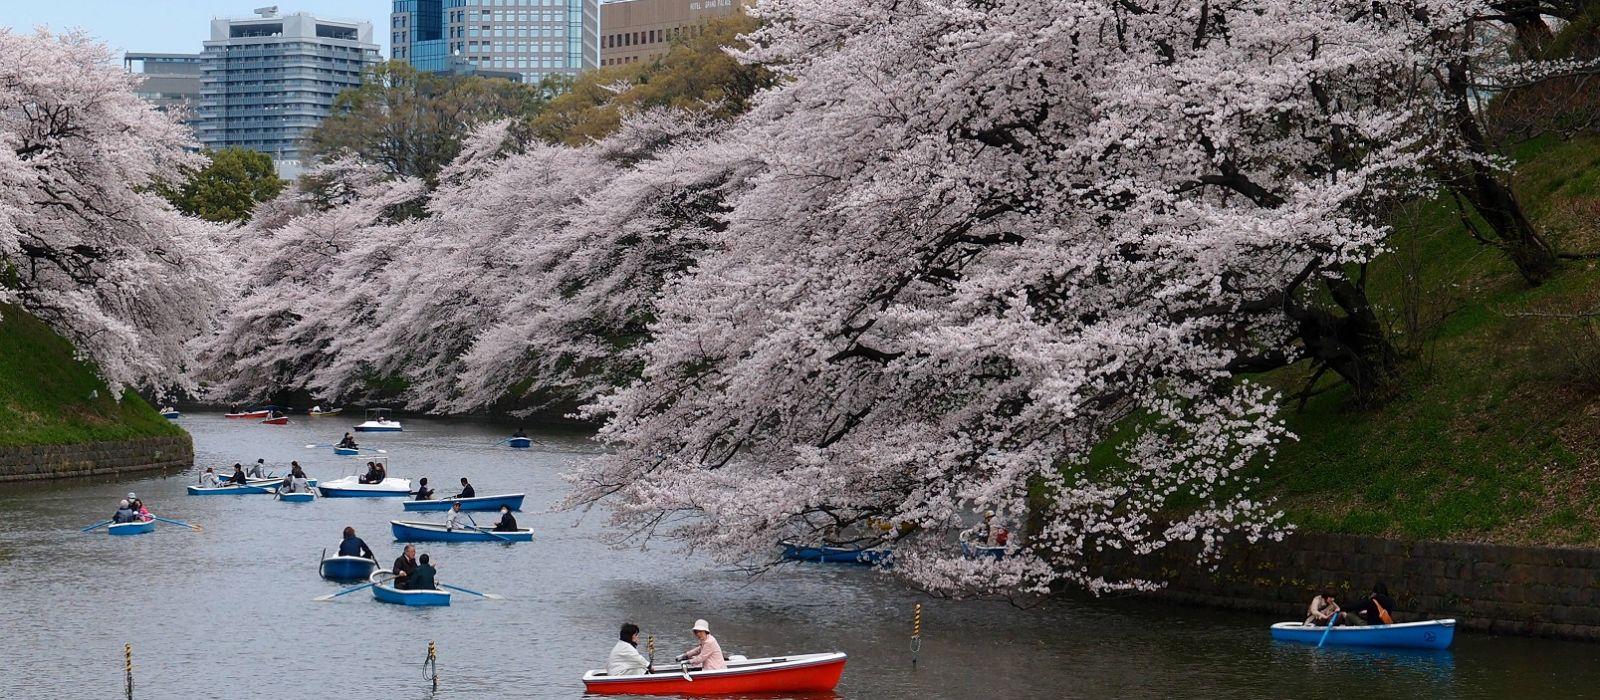 Just Japan: An Introduction Tour Trip 4